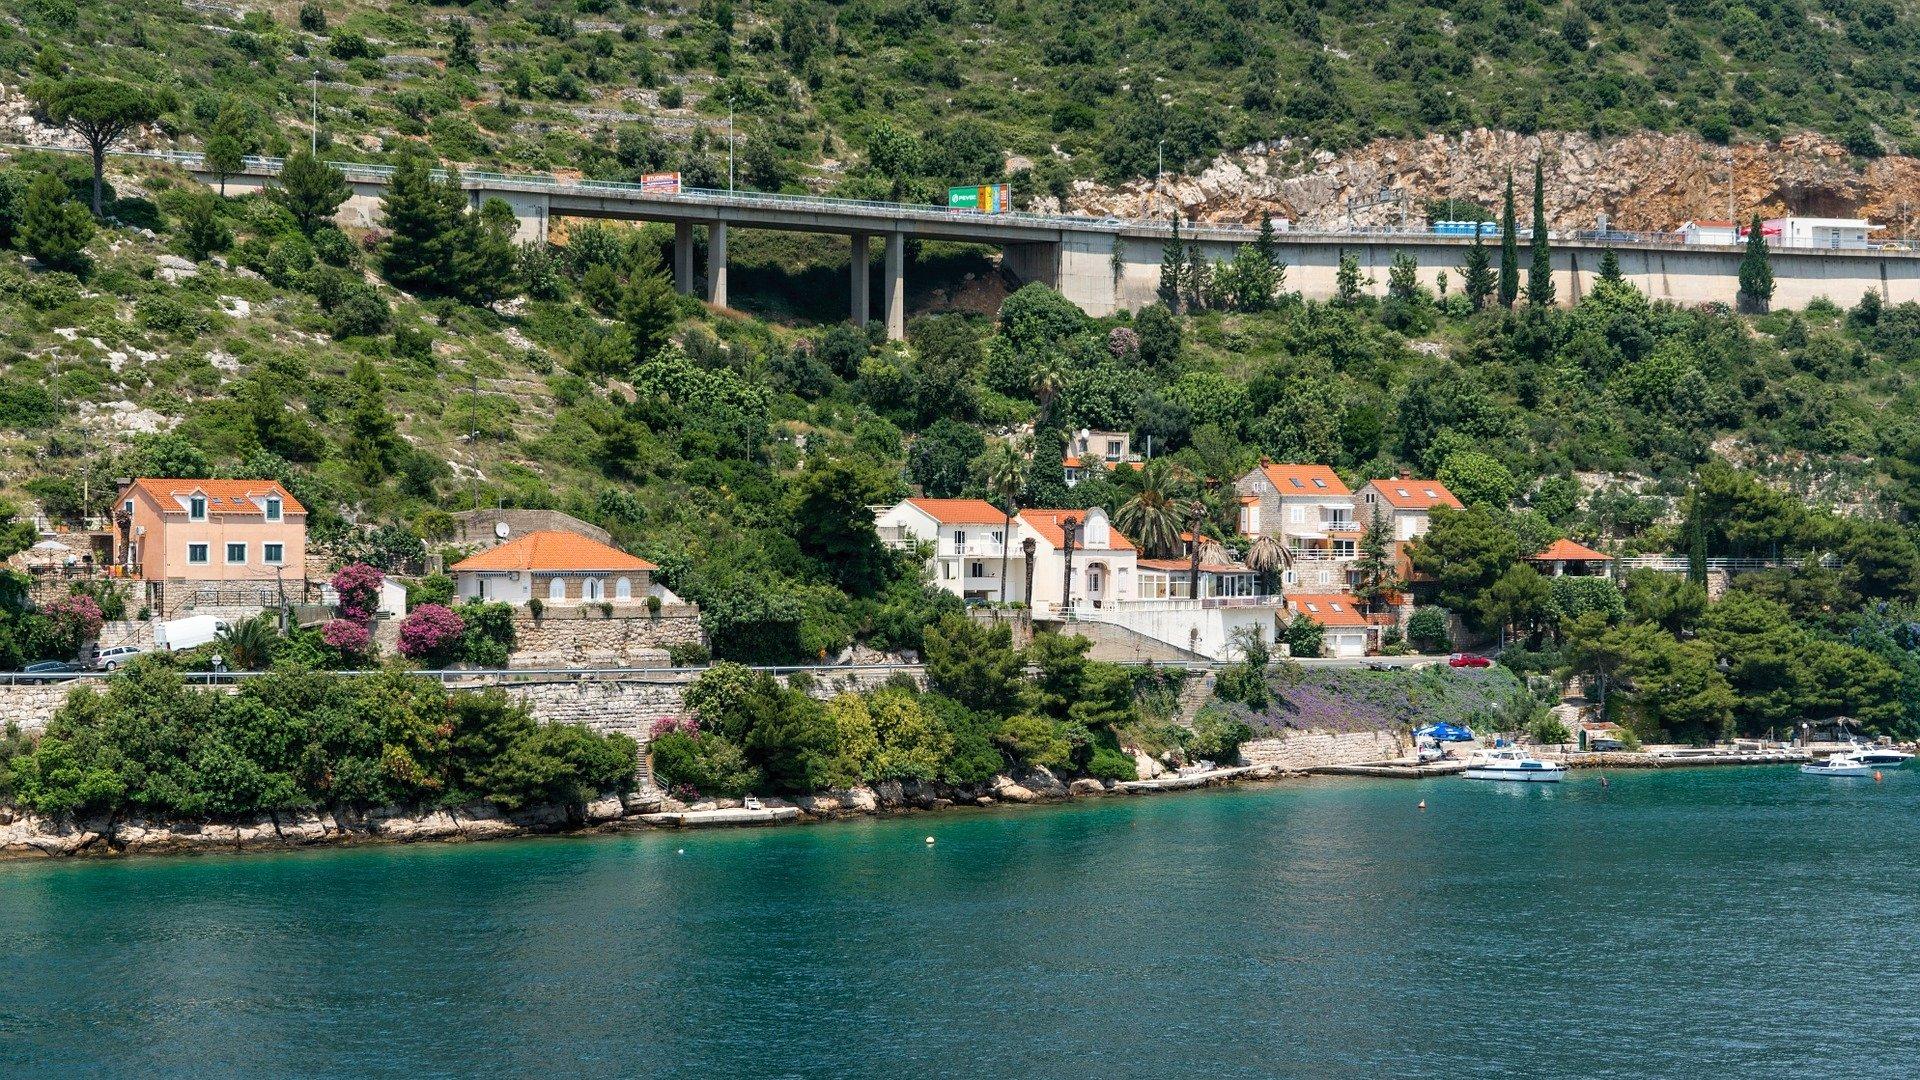 Chorvatské dálnice - Vše co potřebujete vědět